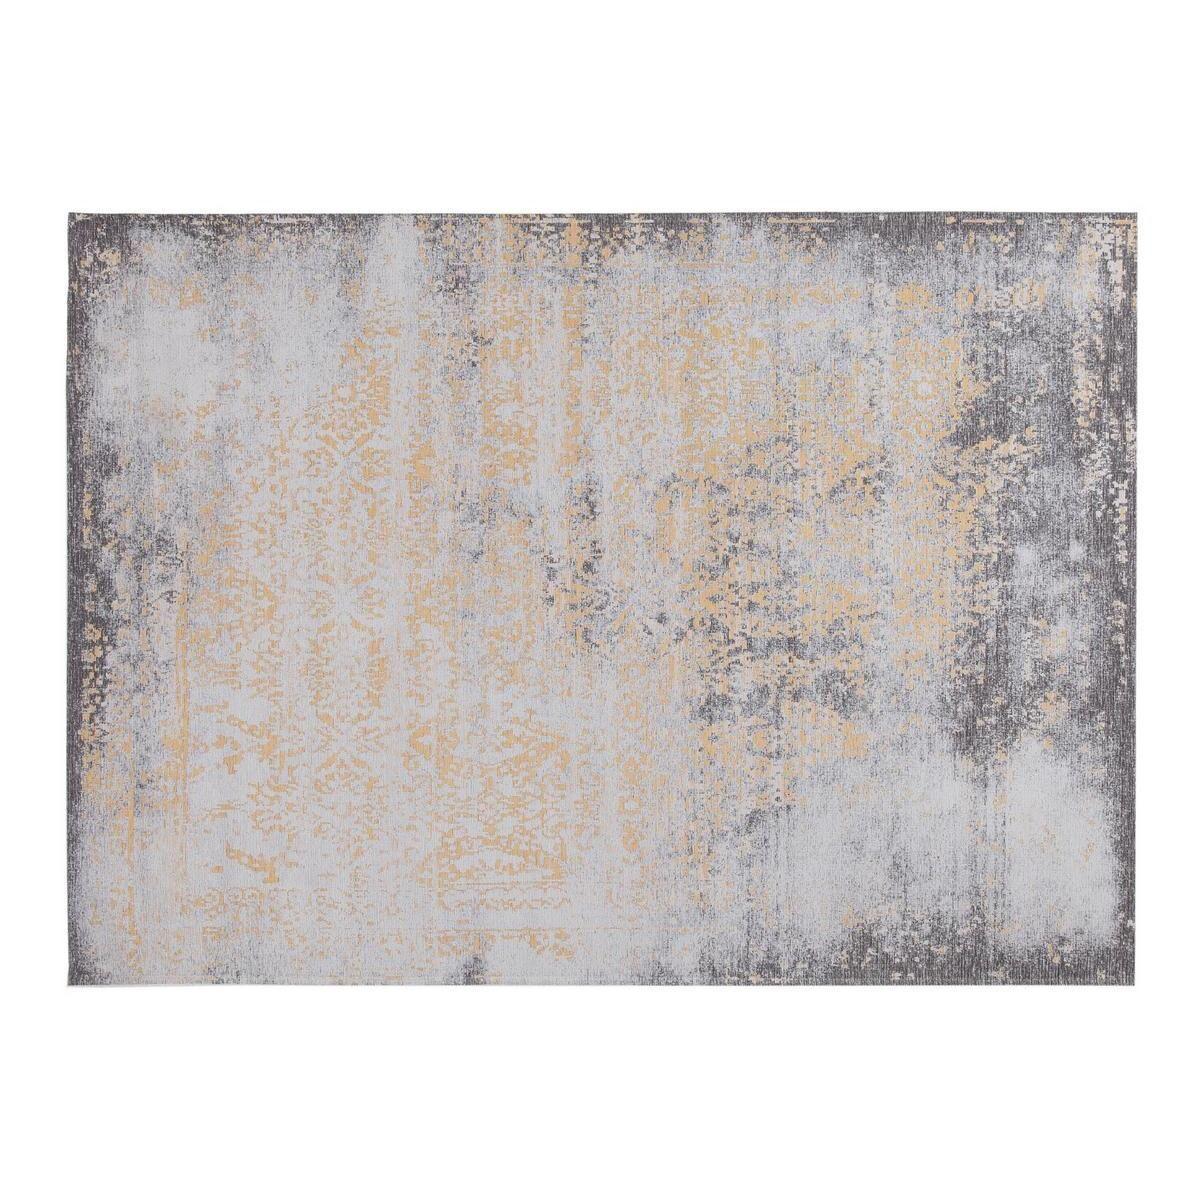 Miliboo Tapis effet usé jaune or et brun avec motif tissé 160 x 230cm - ASTRA